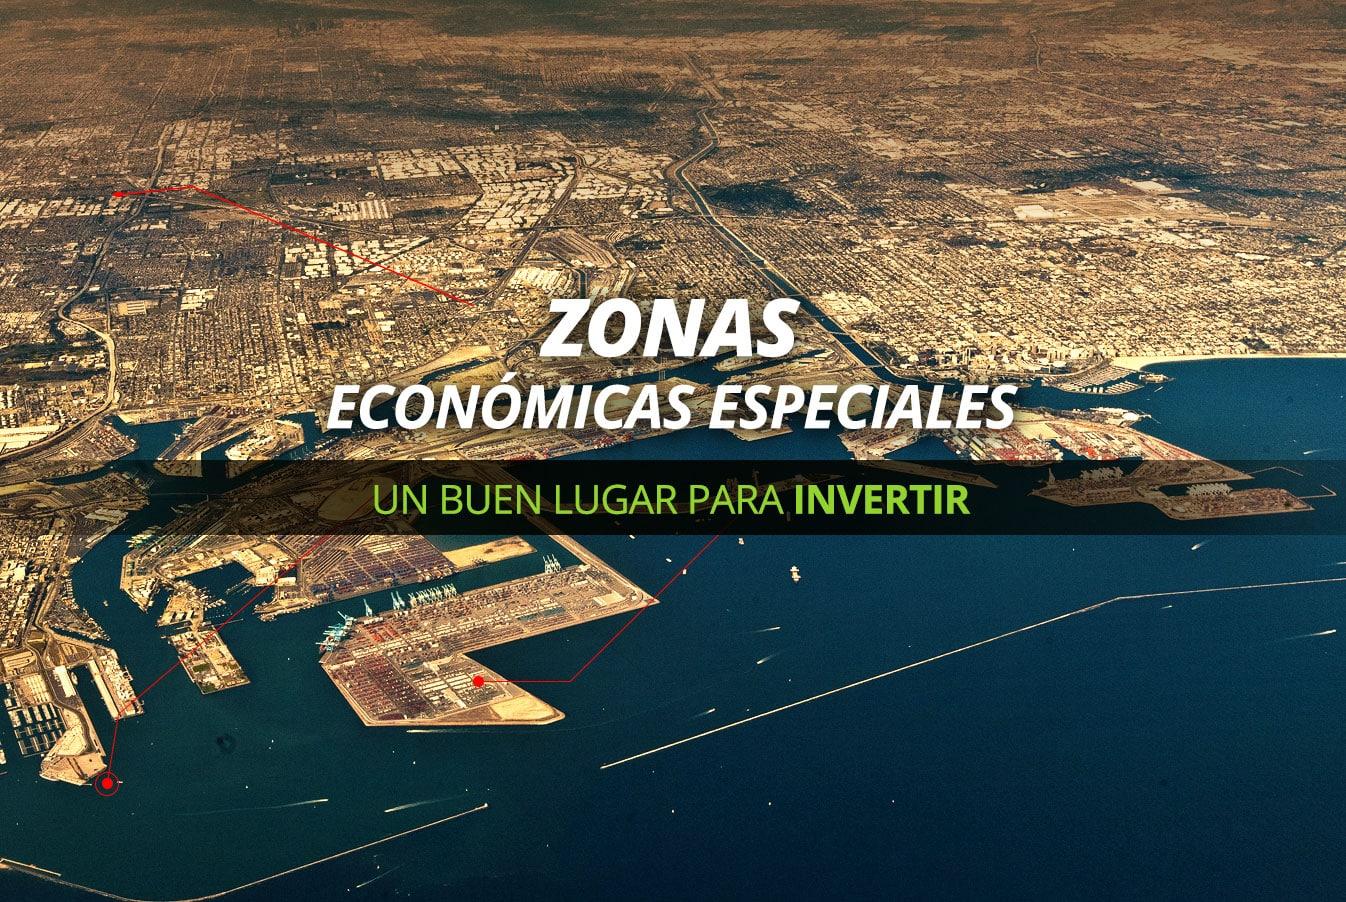 Resultado de imagen para zonas económicas especiales